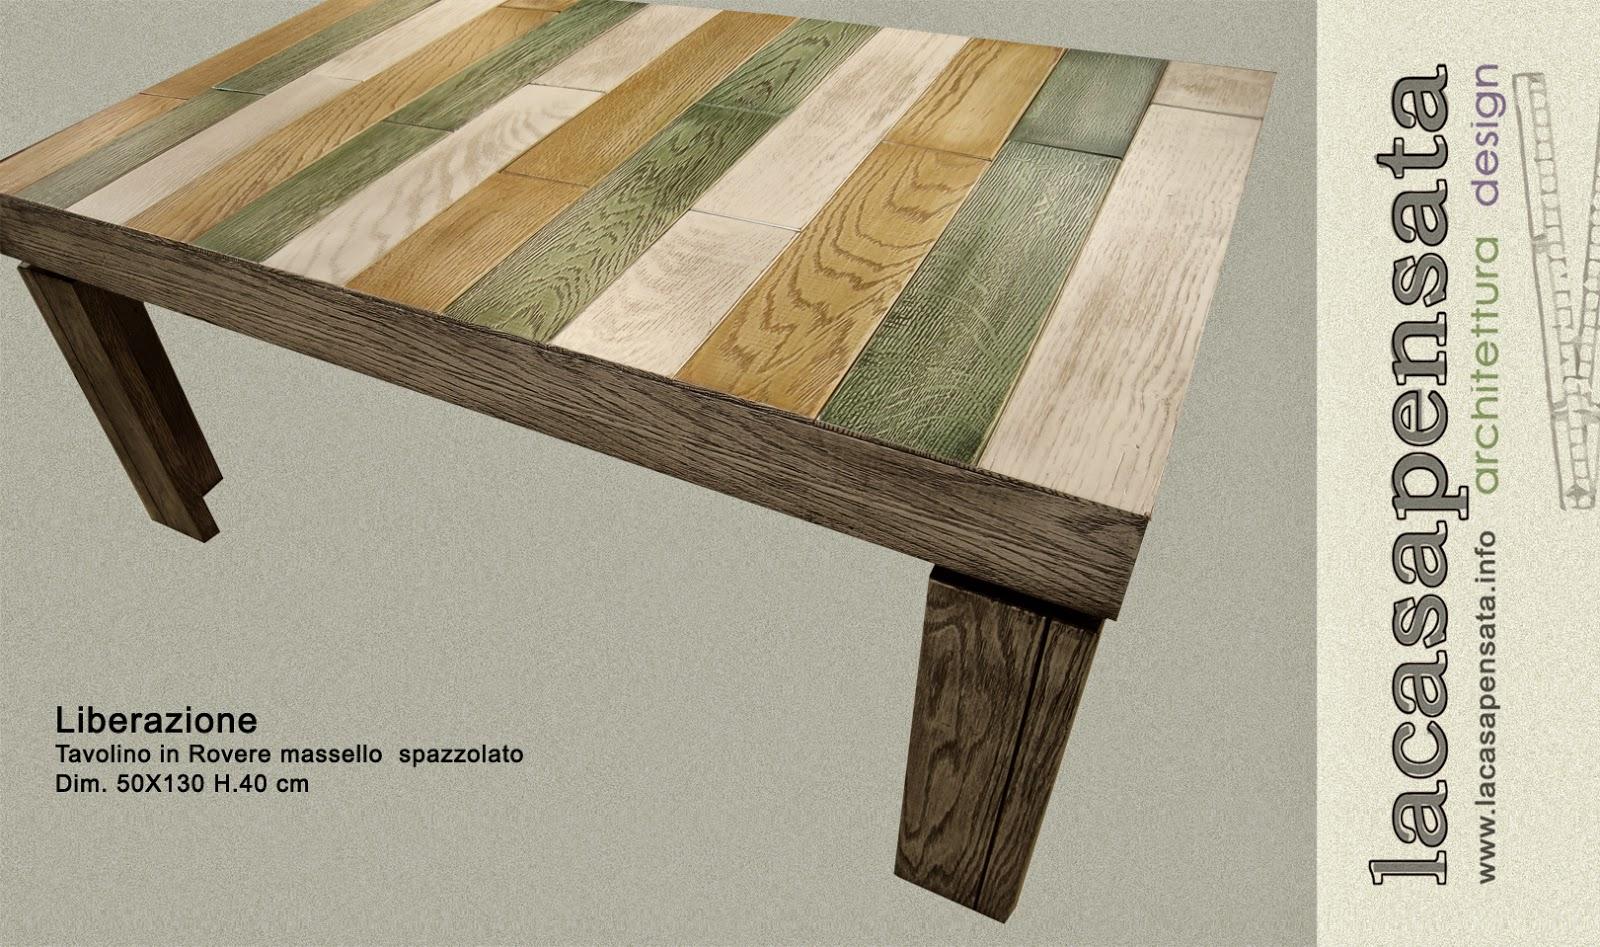 tavolino in rovere spazzolato tricolore